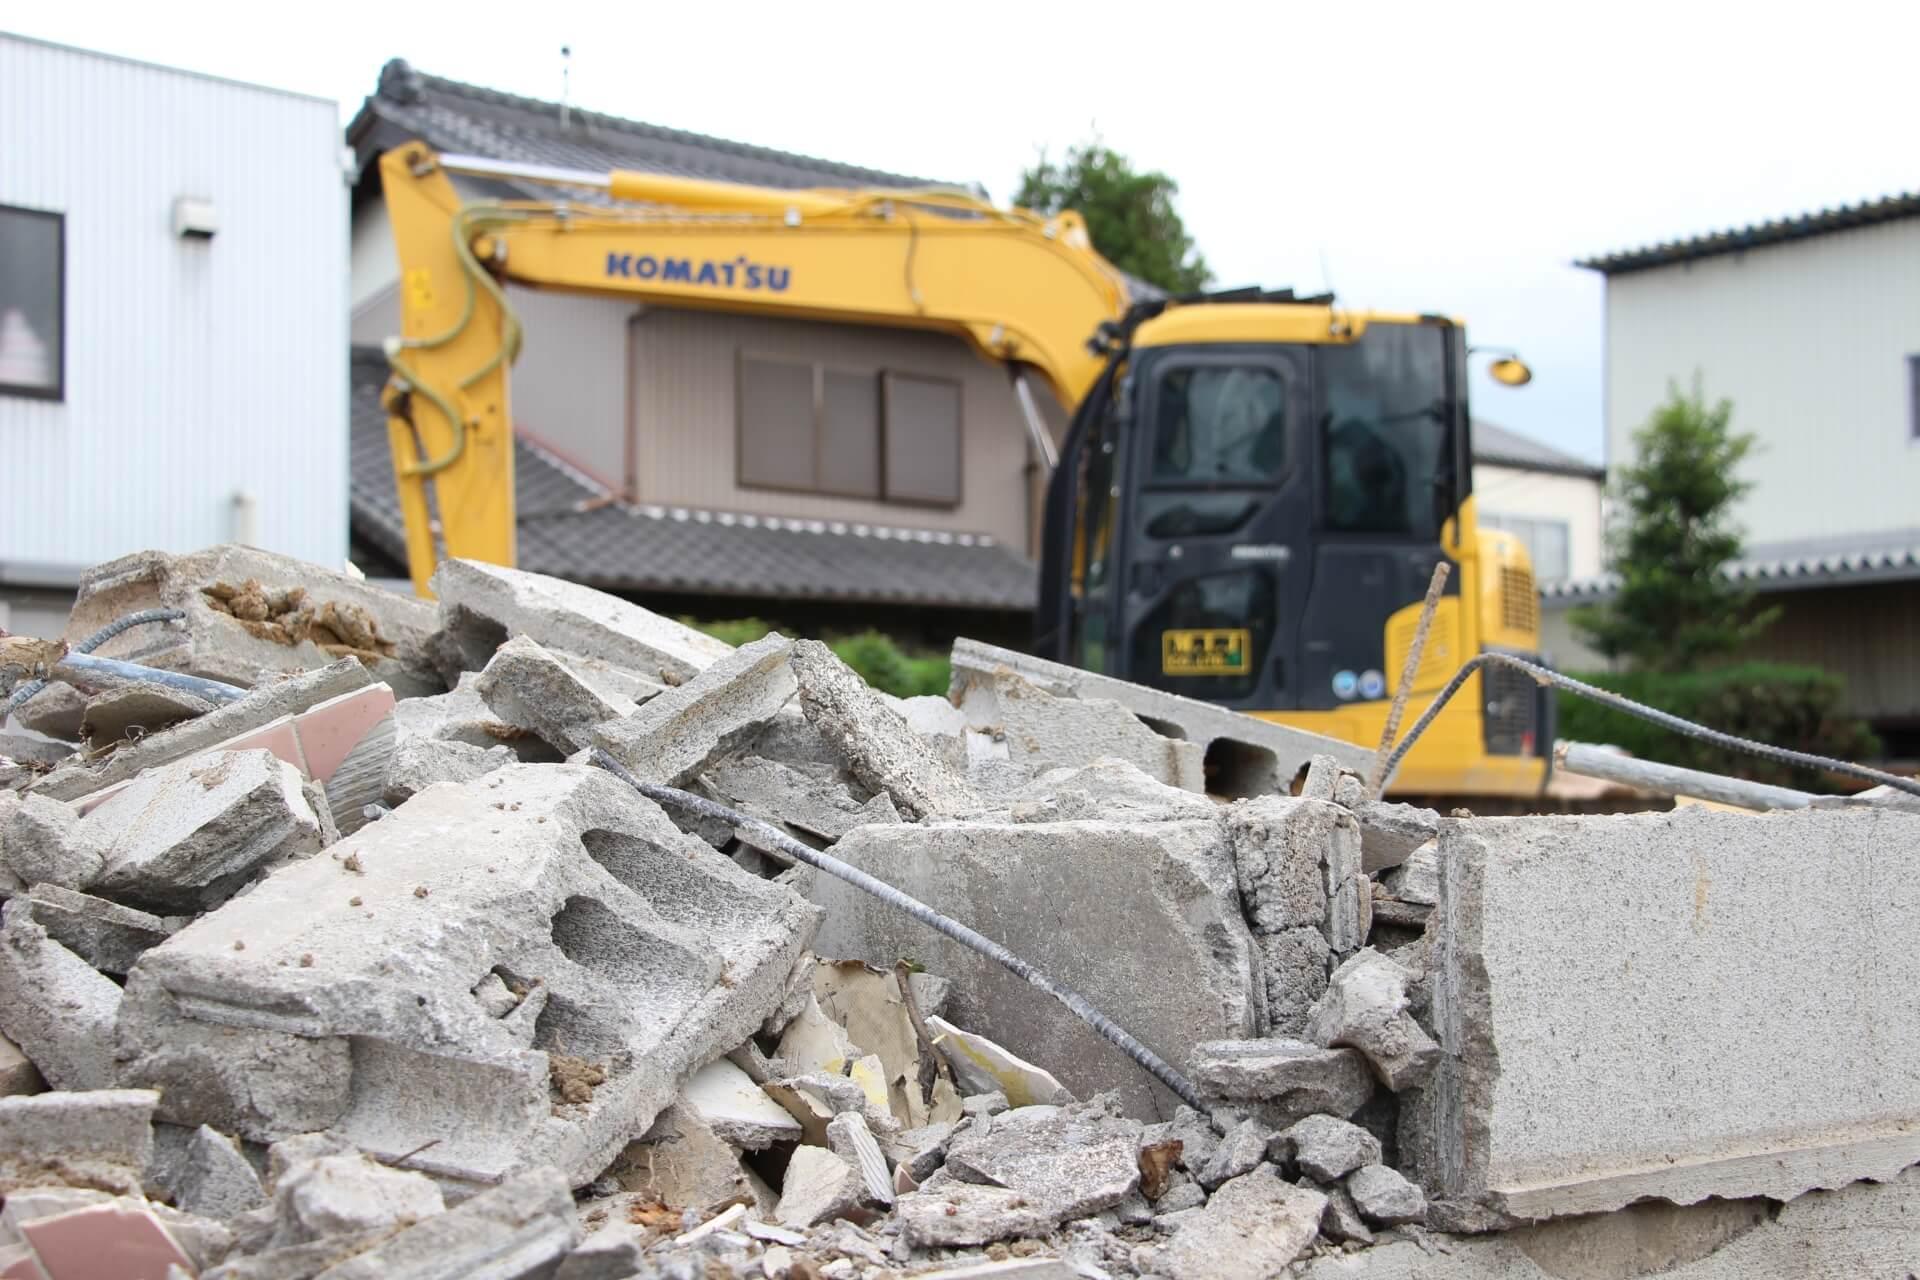 高崎市で解体業者を探している方におすすめな解体業者10選